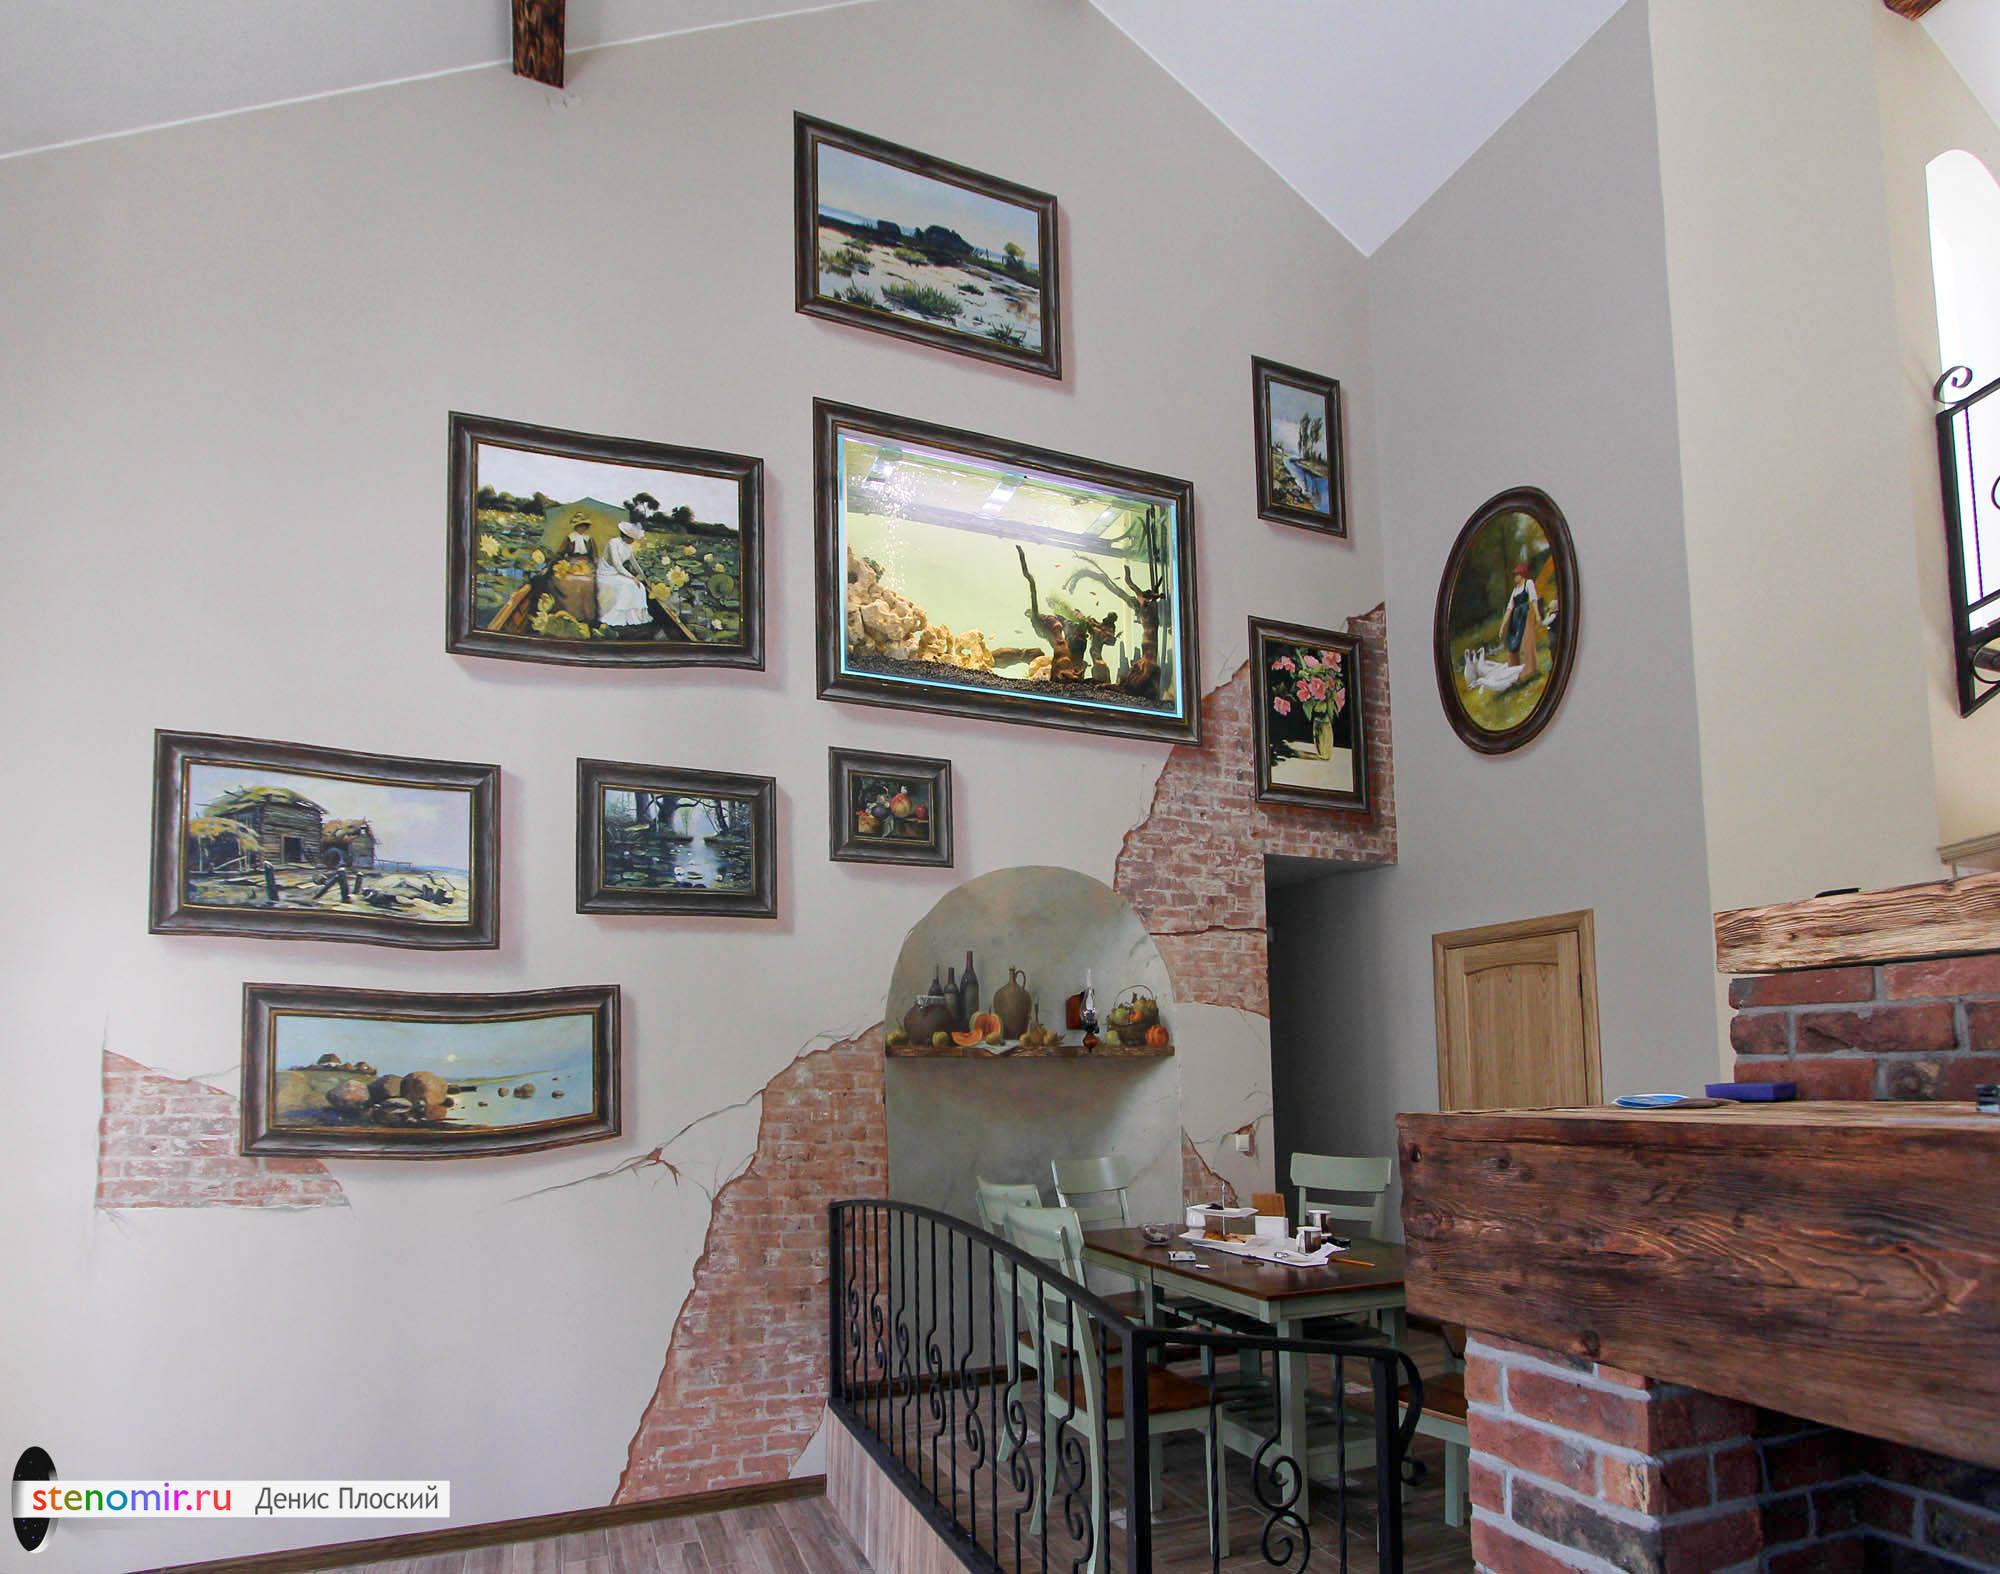 Стена с картинами и аквариумом